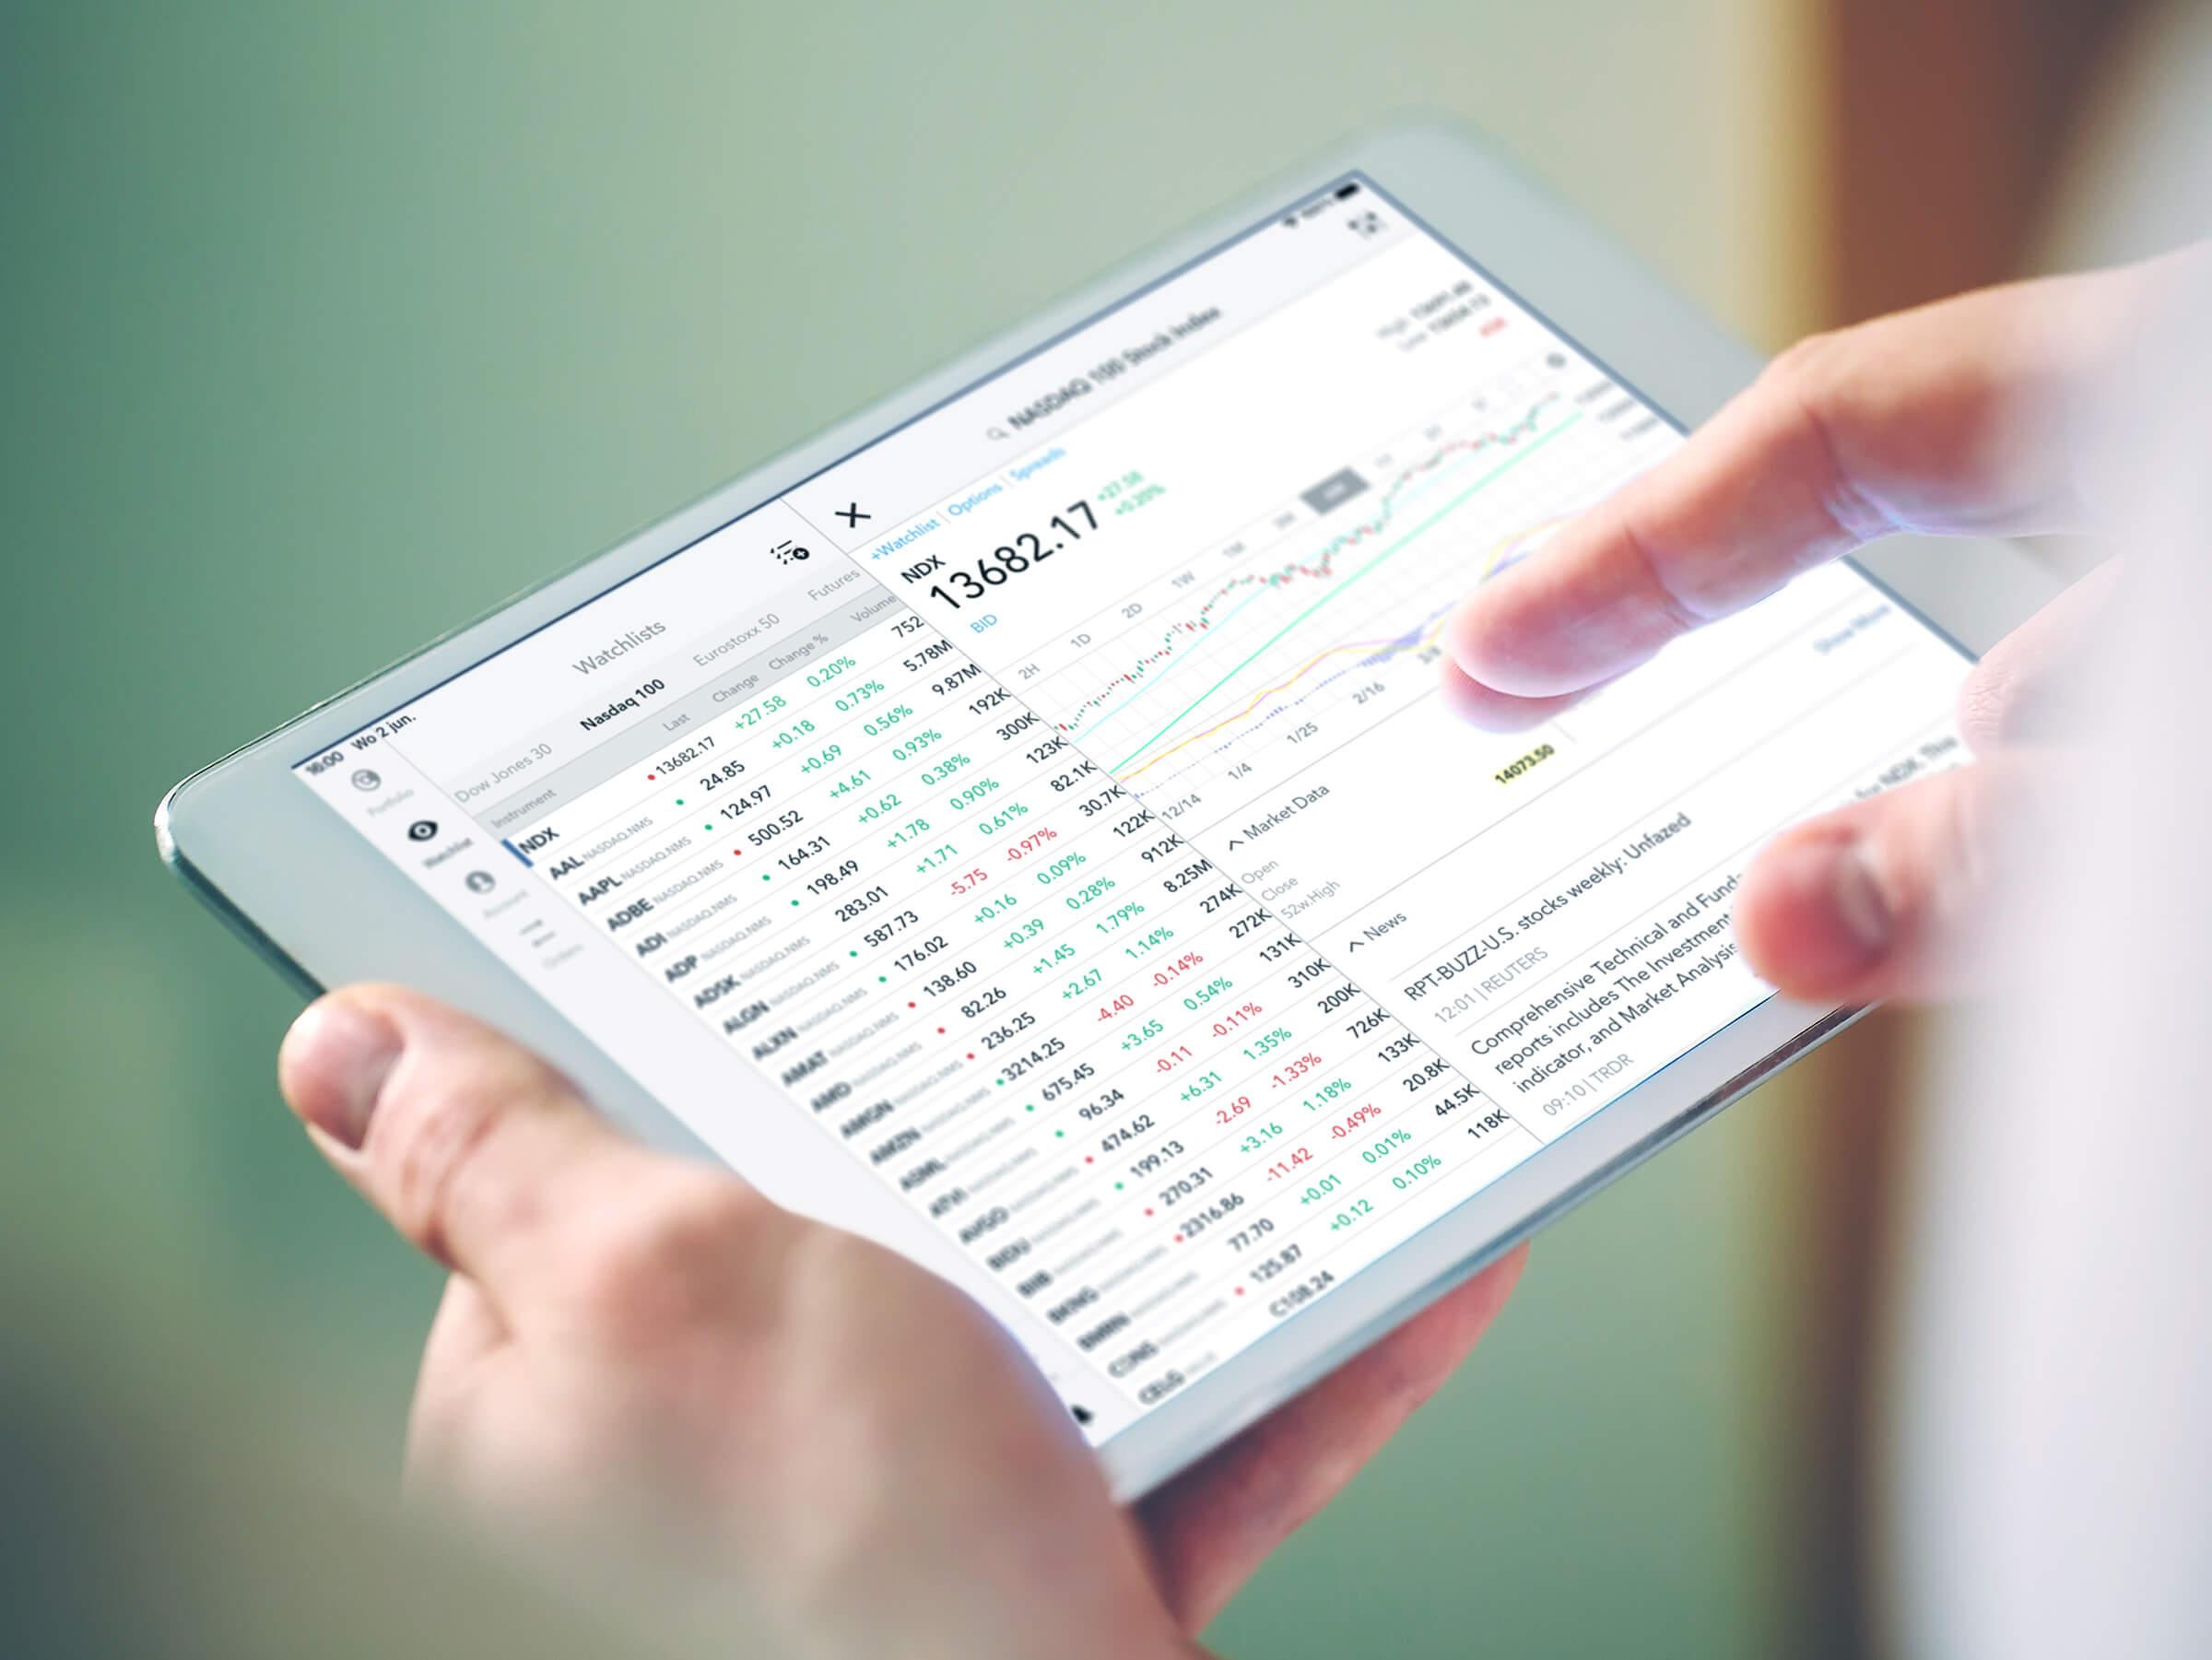 Platforma handlowa LYNX Trading z wykresem cen akcji na urządzeniach iPad